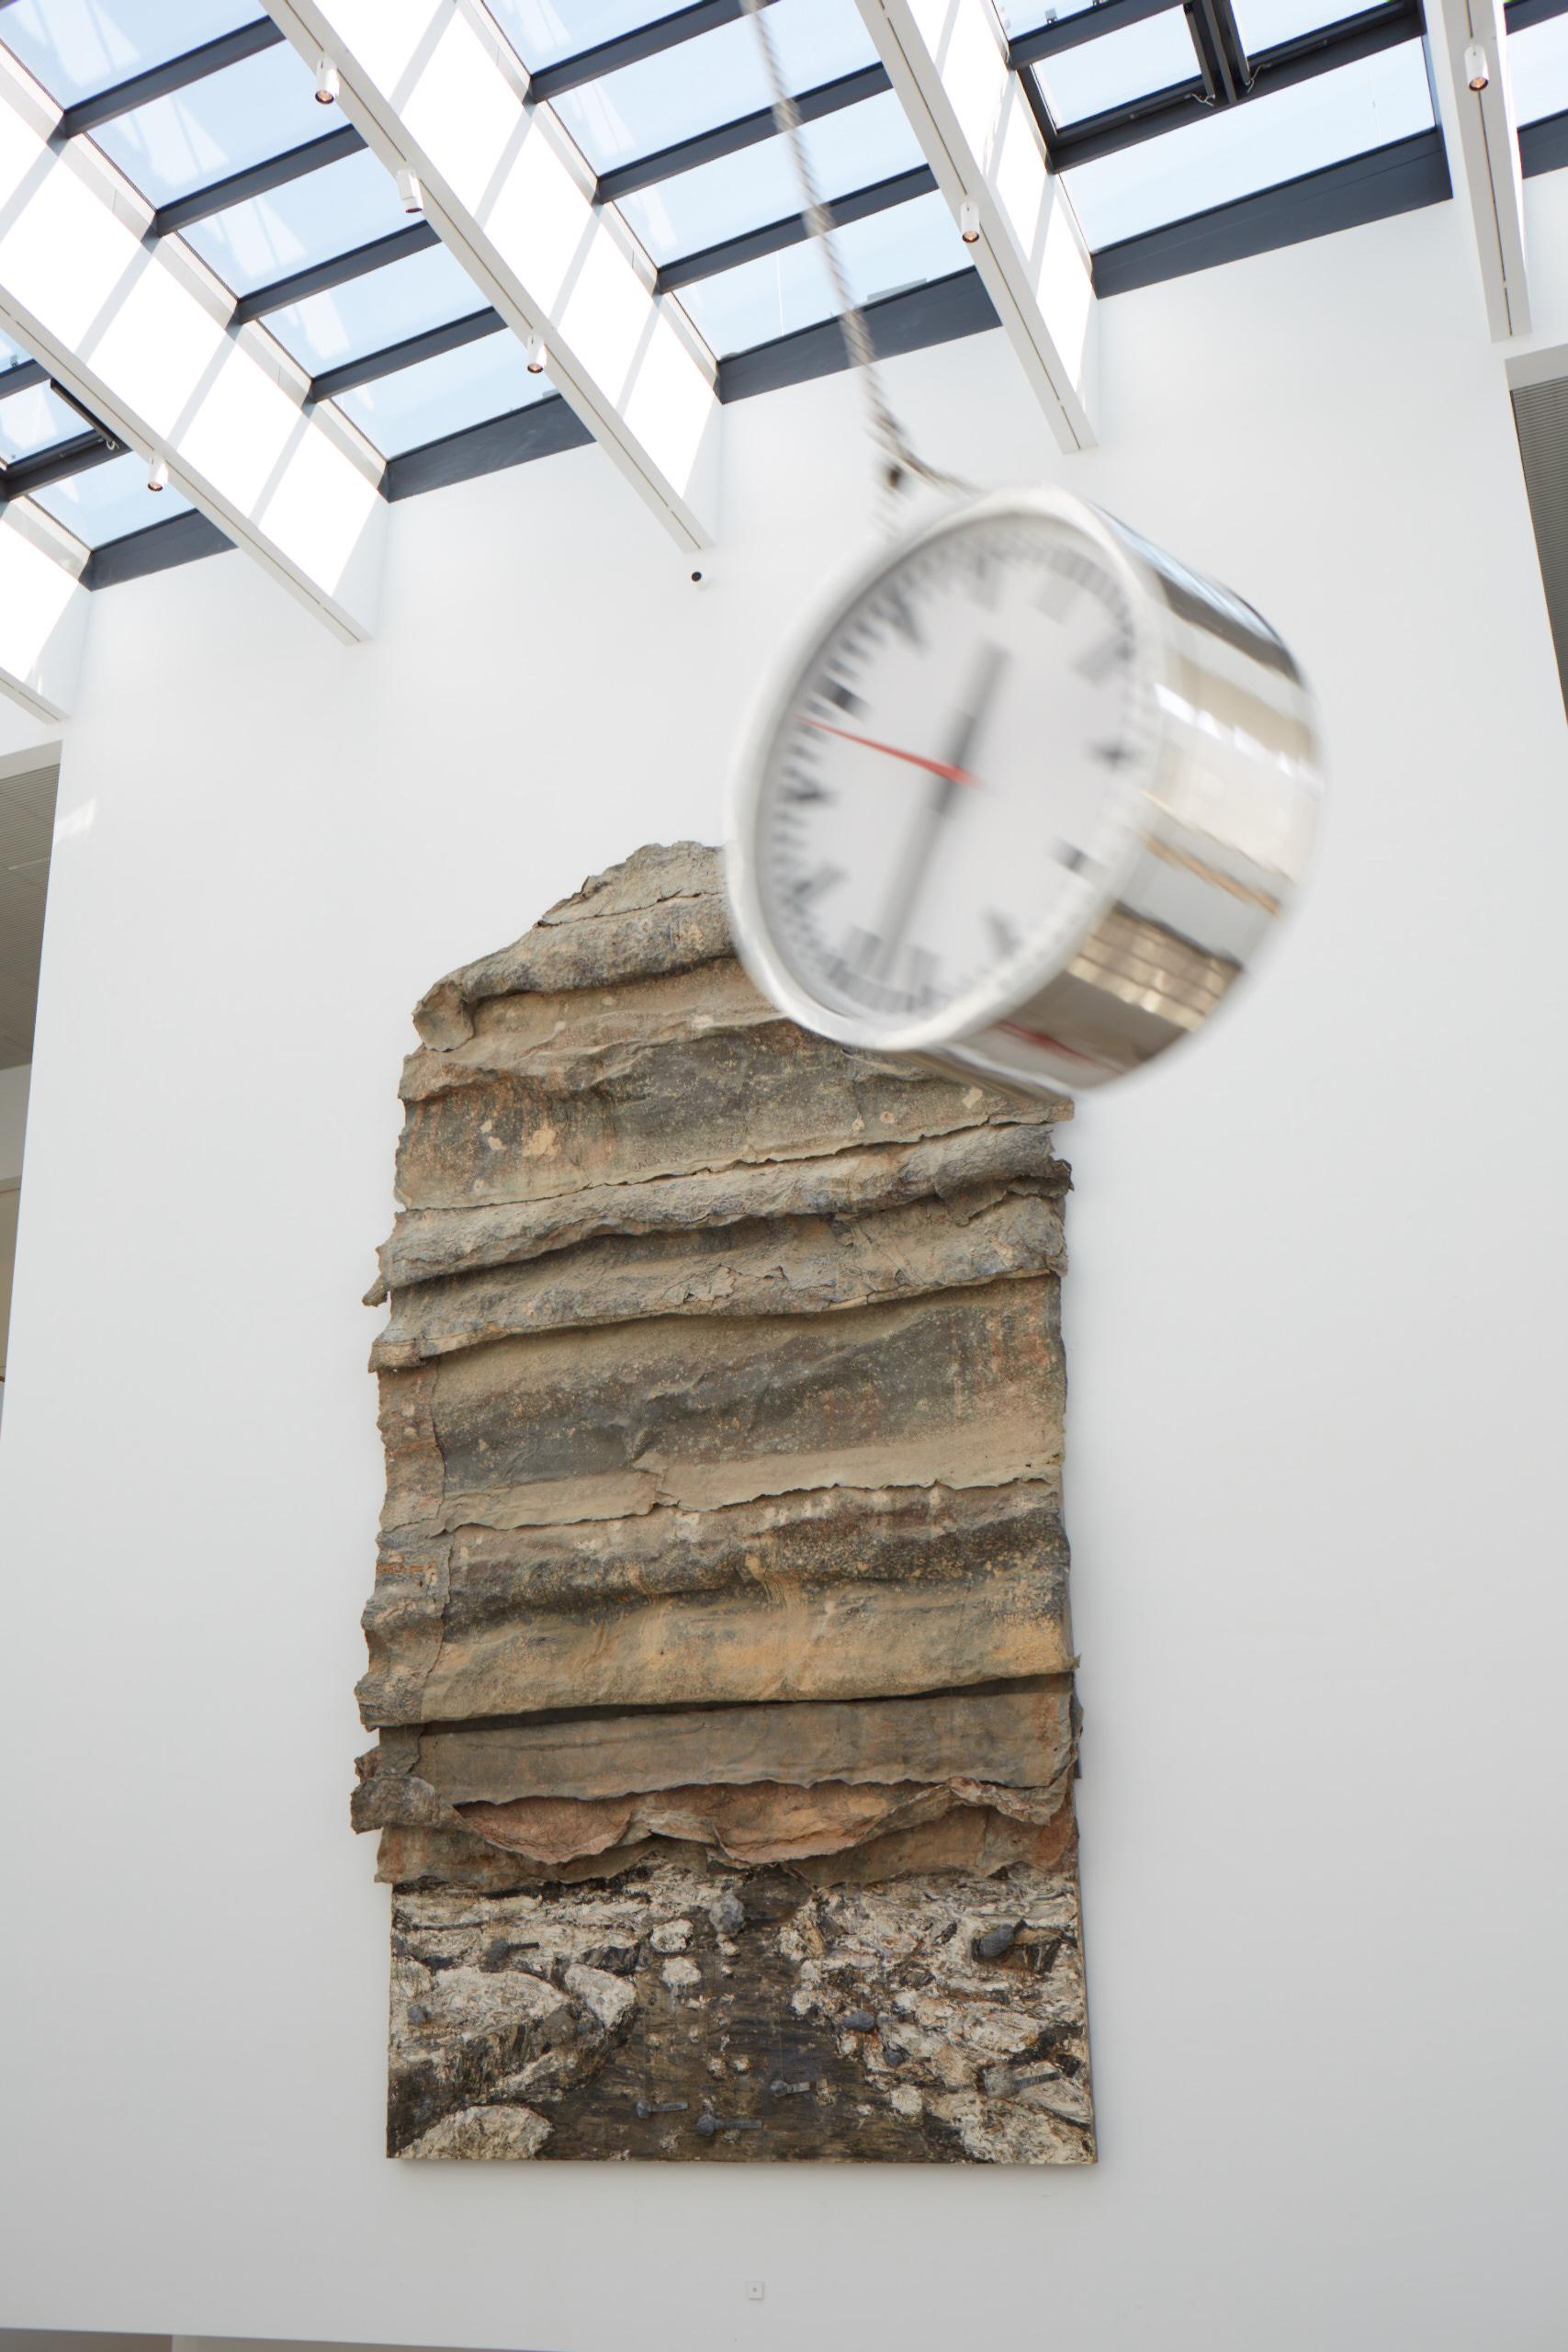 Kunsthalle Mannheim, © Alicja Kwade / © Anselm Kiefer, Foto: Kunsthalle Mannheim/ Rainer Diehl